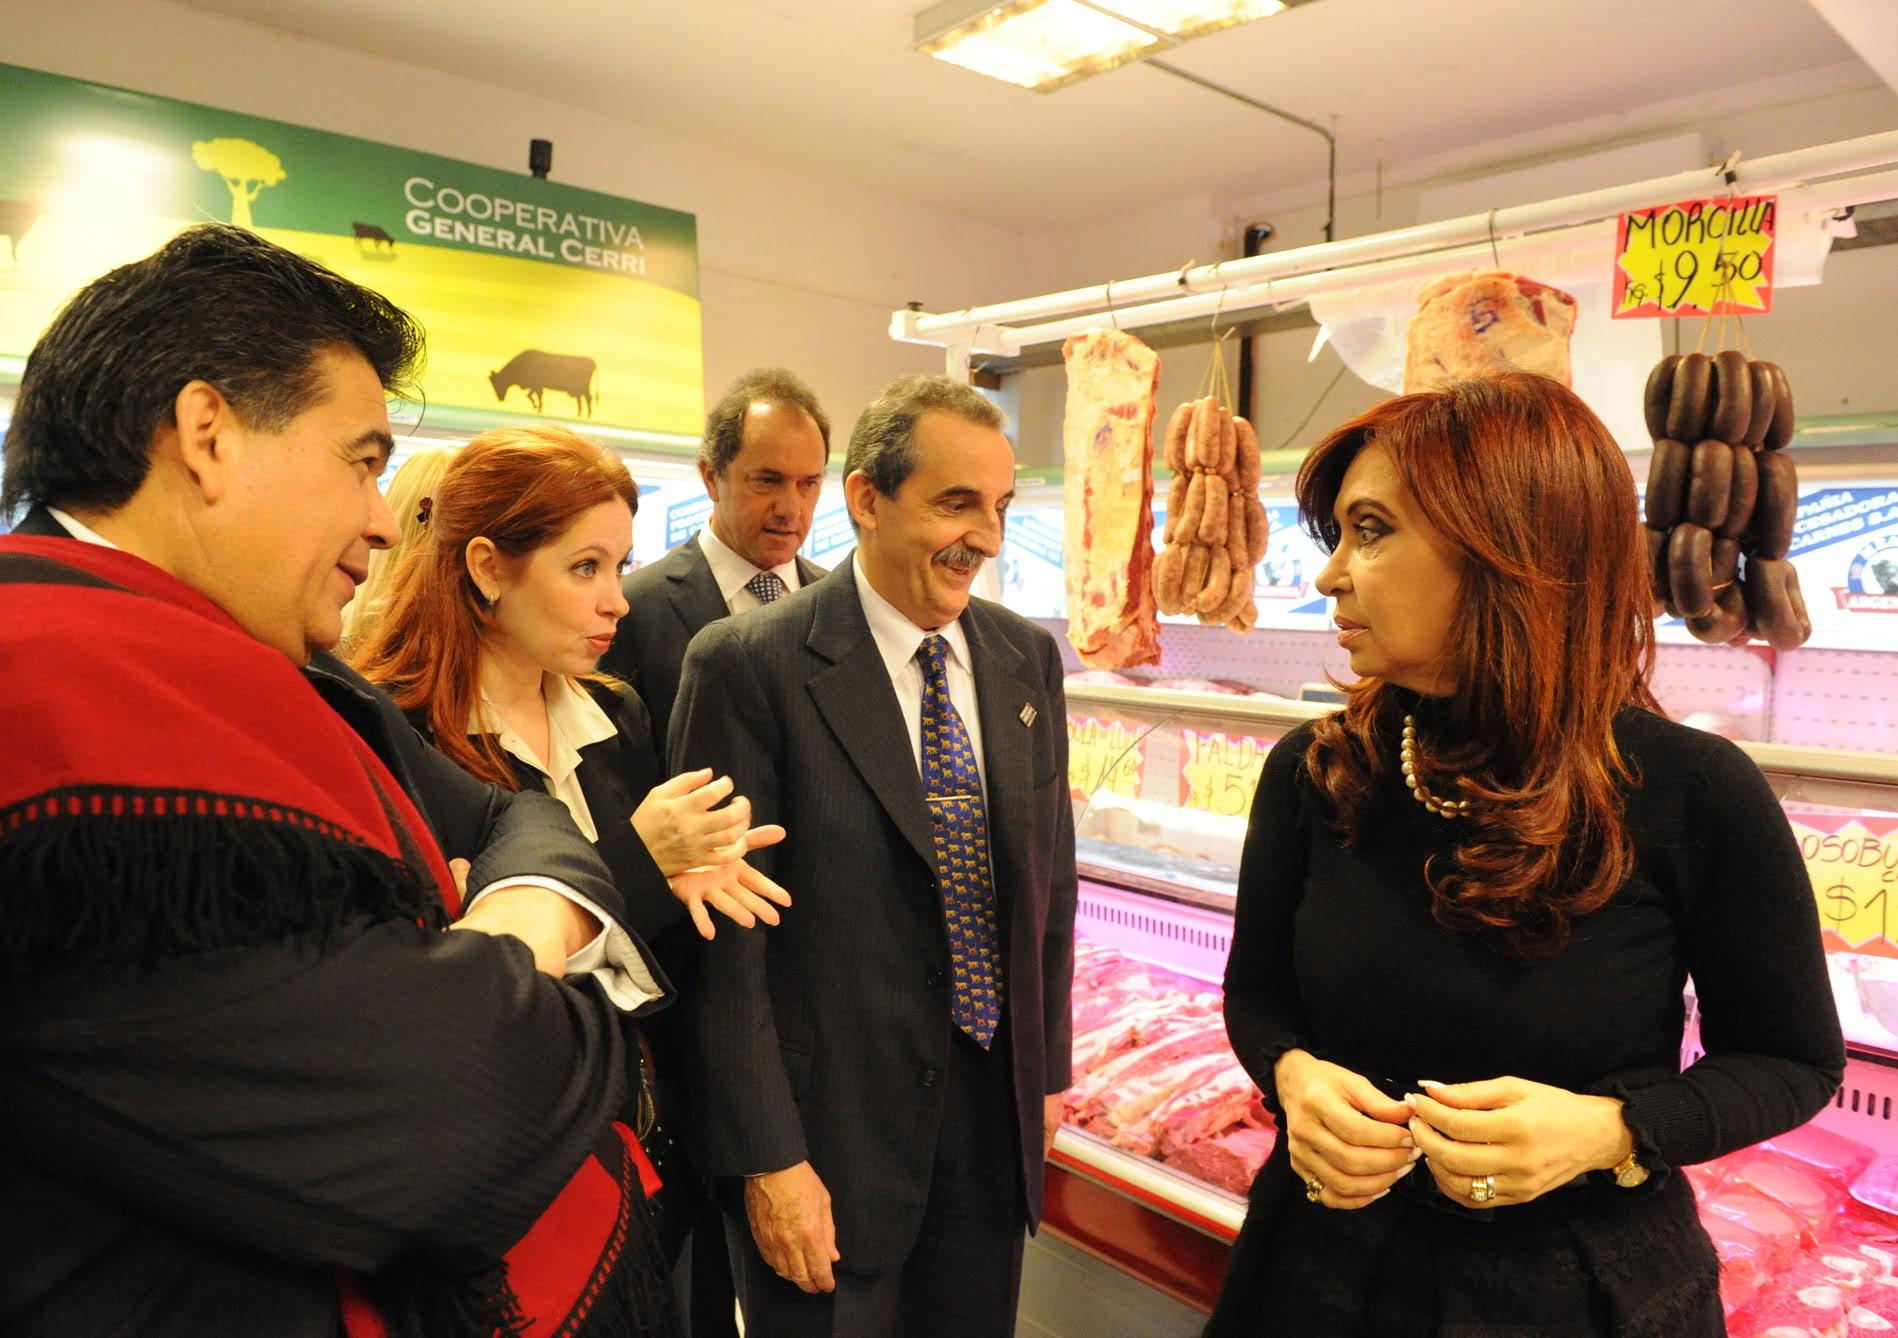 Фотографии и скрины 2011 - Página 2 120511FOTO_DE_PRESIDENCIA3-